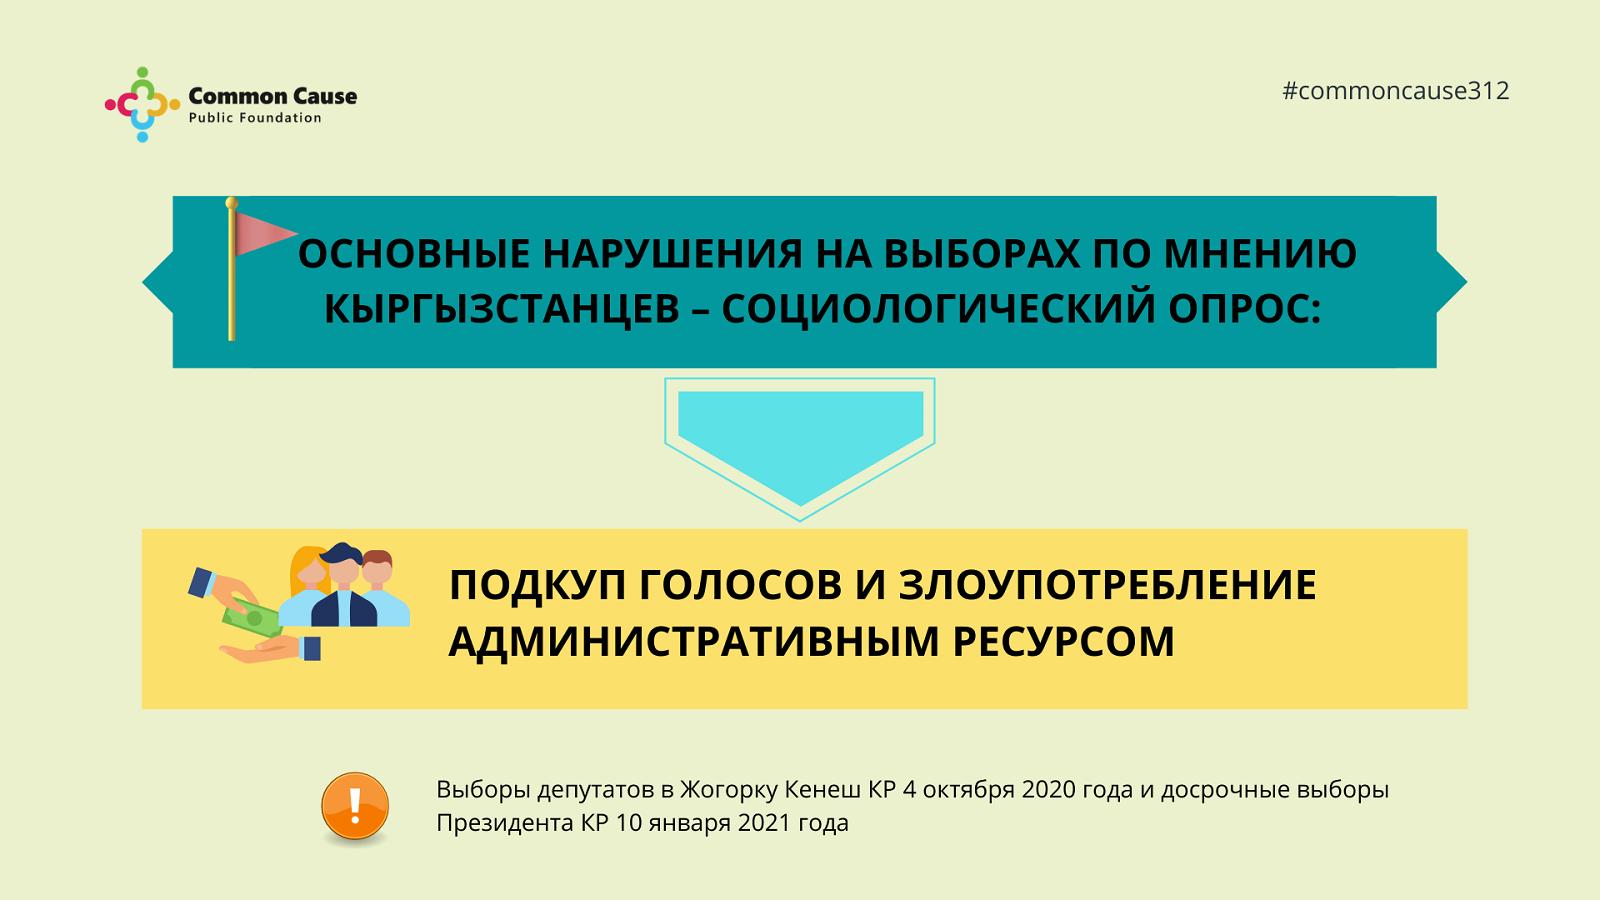 ОФ «Общее дело» представил результаты опроса о том, что граждане Кыргызстана думают о подкупе голосов и злоупотреблении административным ресурсом.